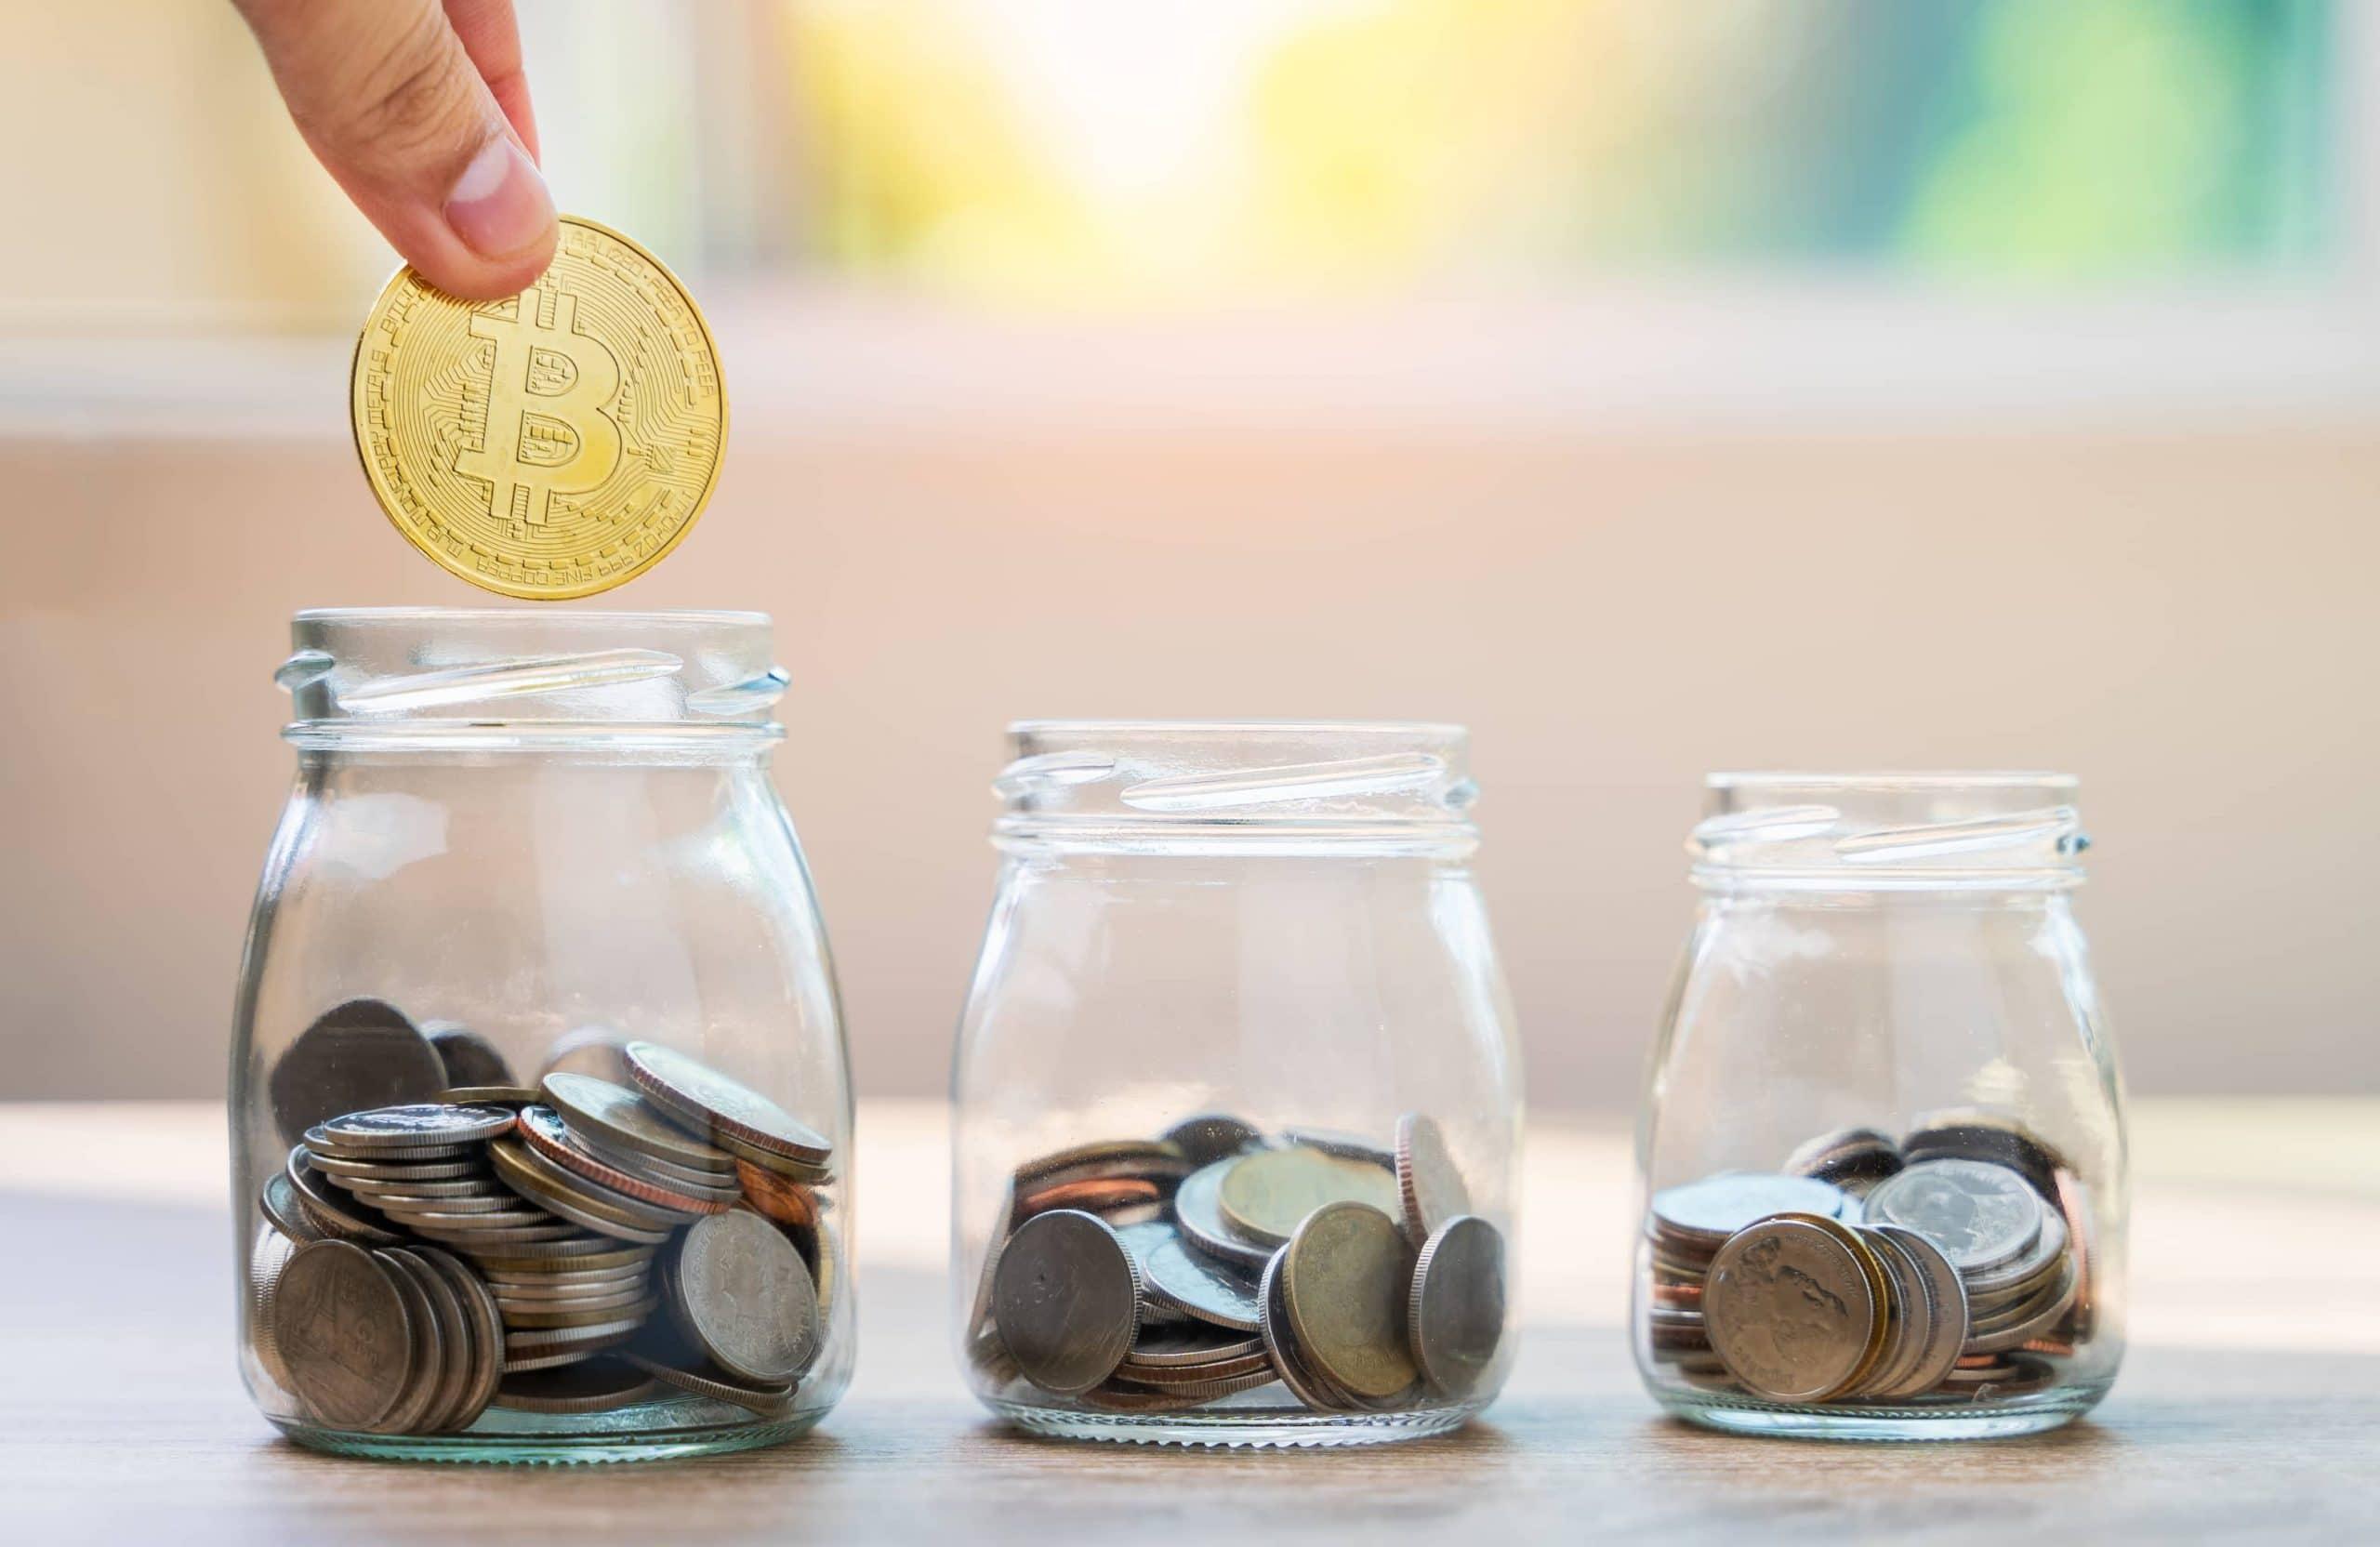 Mit Kleingeld gefüllte Gläser, in das größte wird eine Bitcoin-Münze gelegt